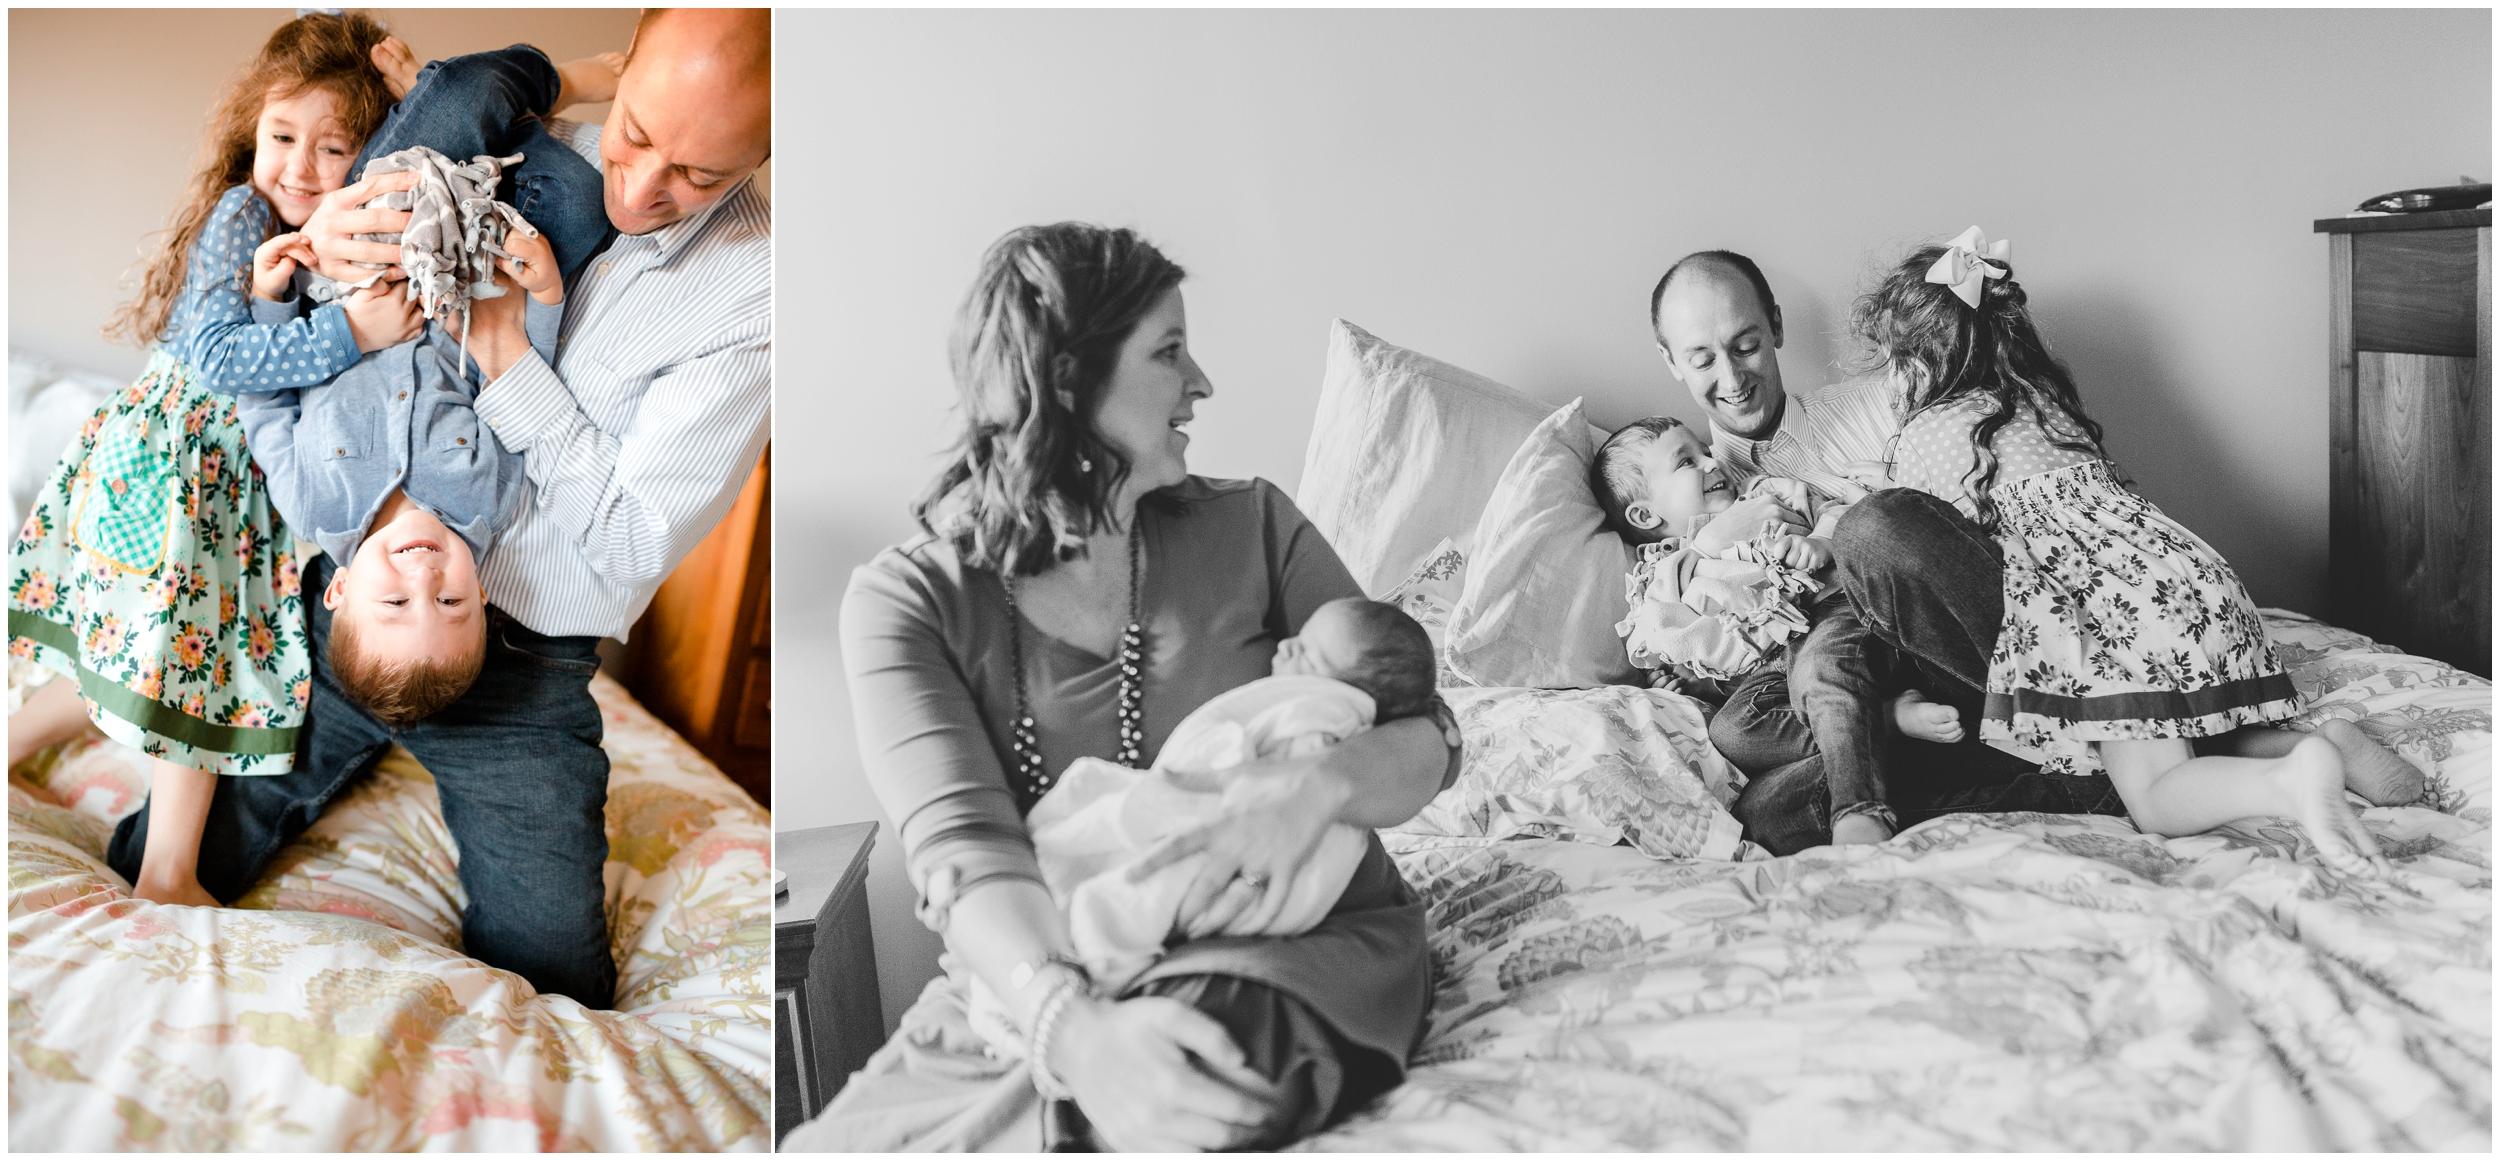 lexington-ky-family-lifestyle-photography-Priscilla-Baierlein-Photography_0220.jpg